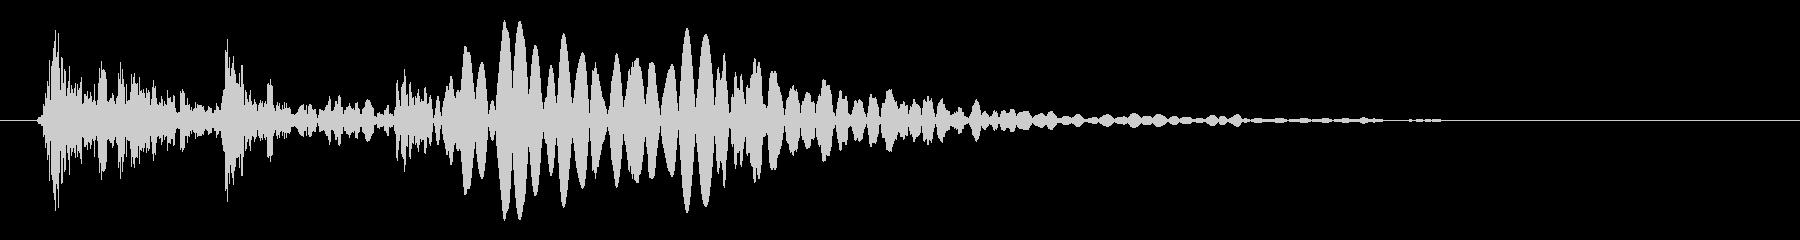 ブニョン(重たくて柔らかいものが弾む音)の未再生の波形